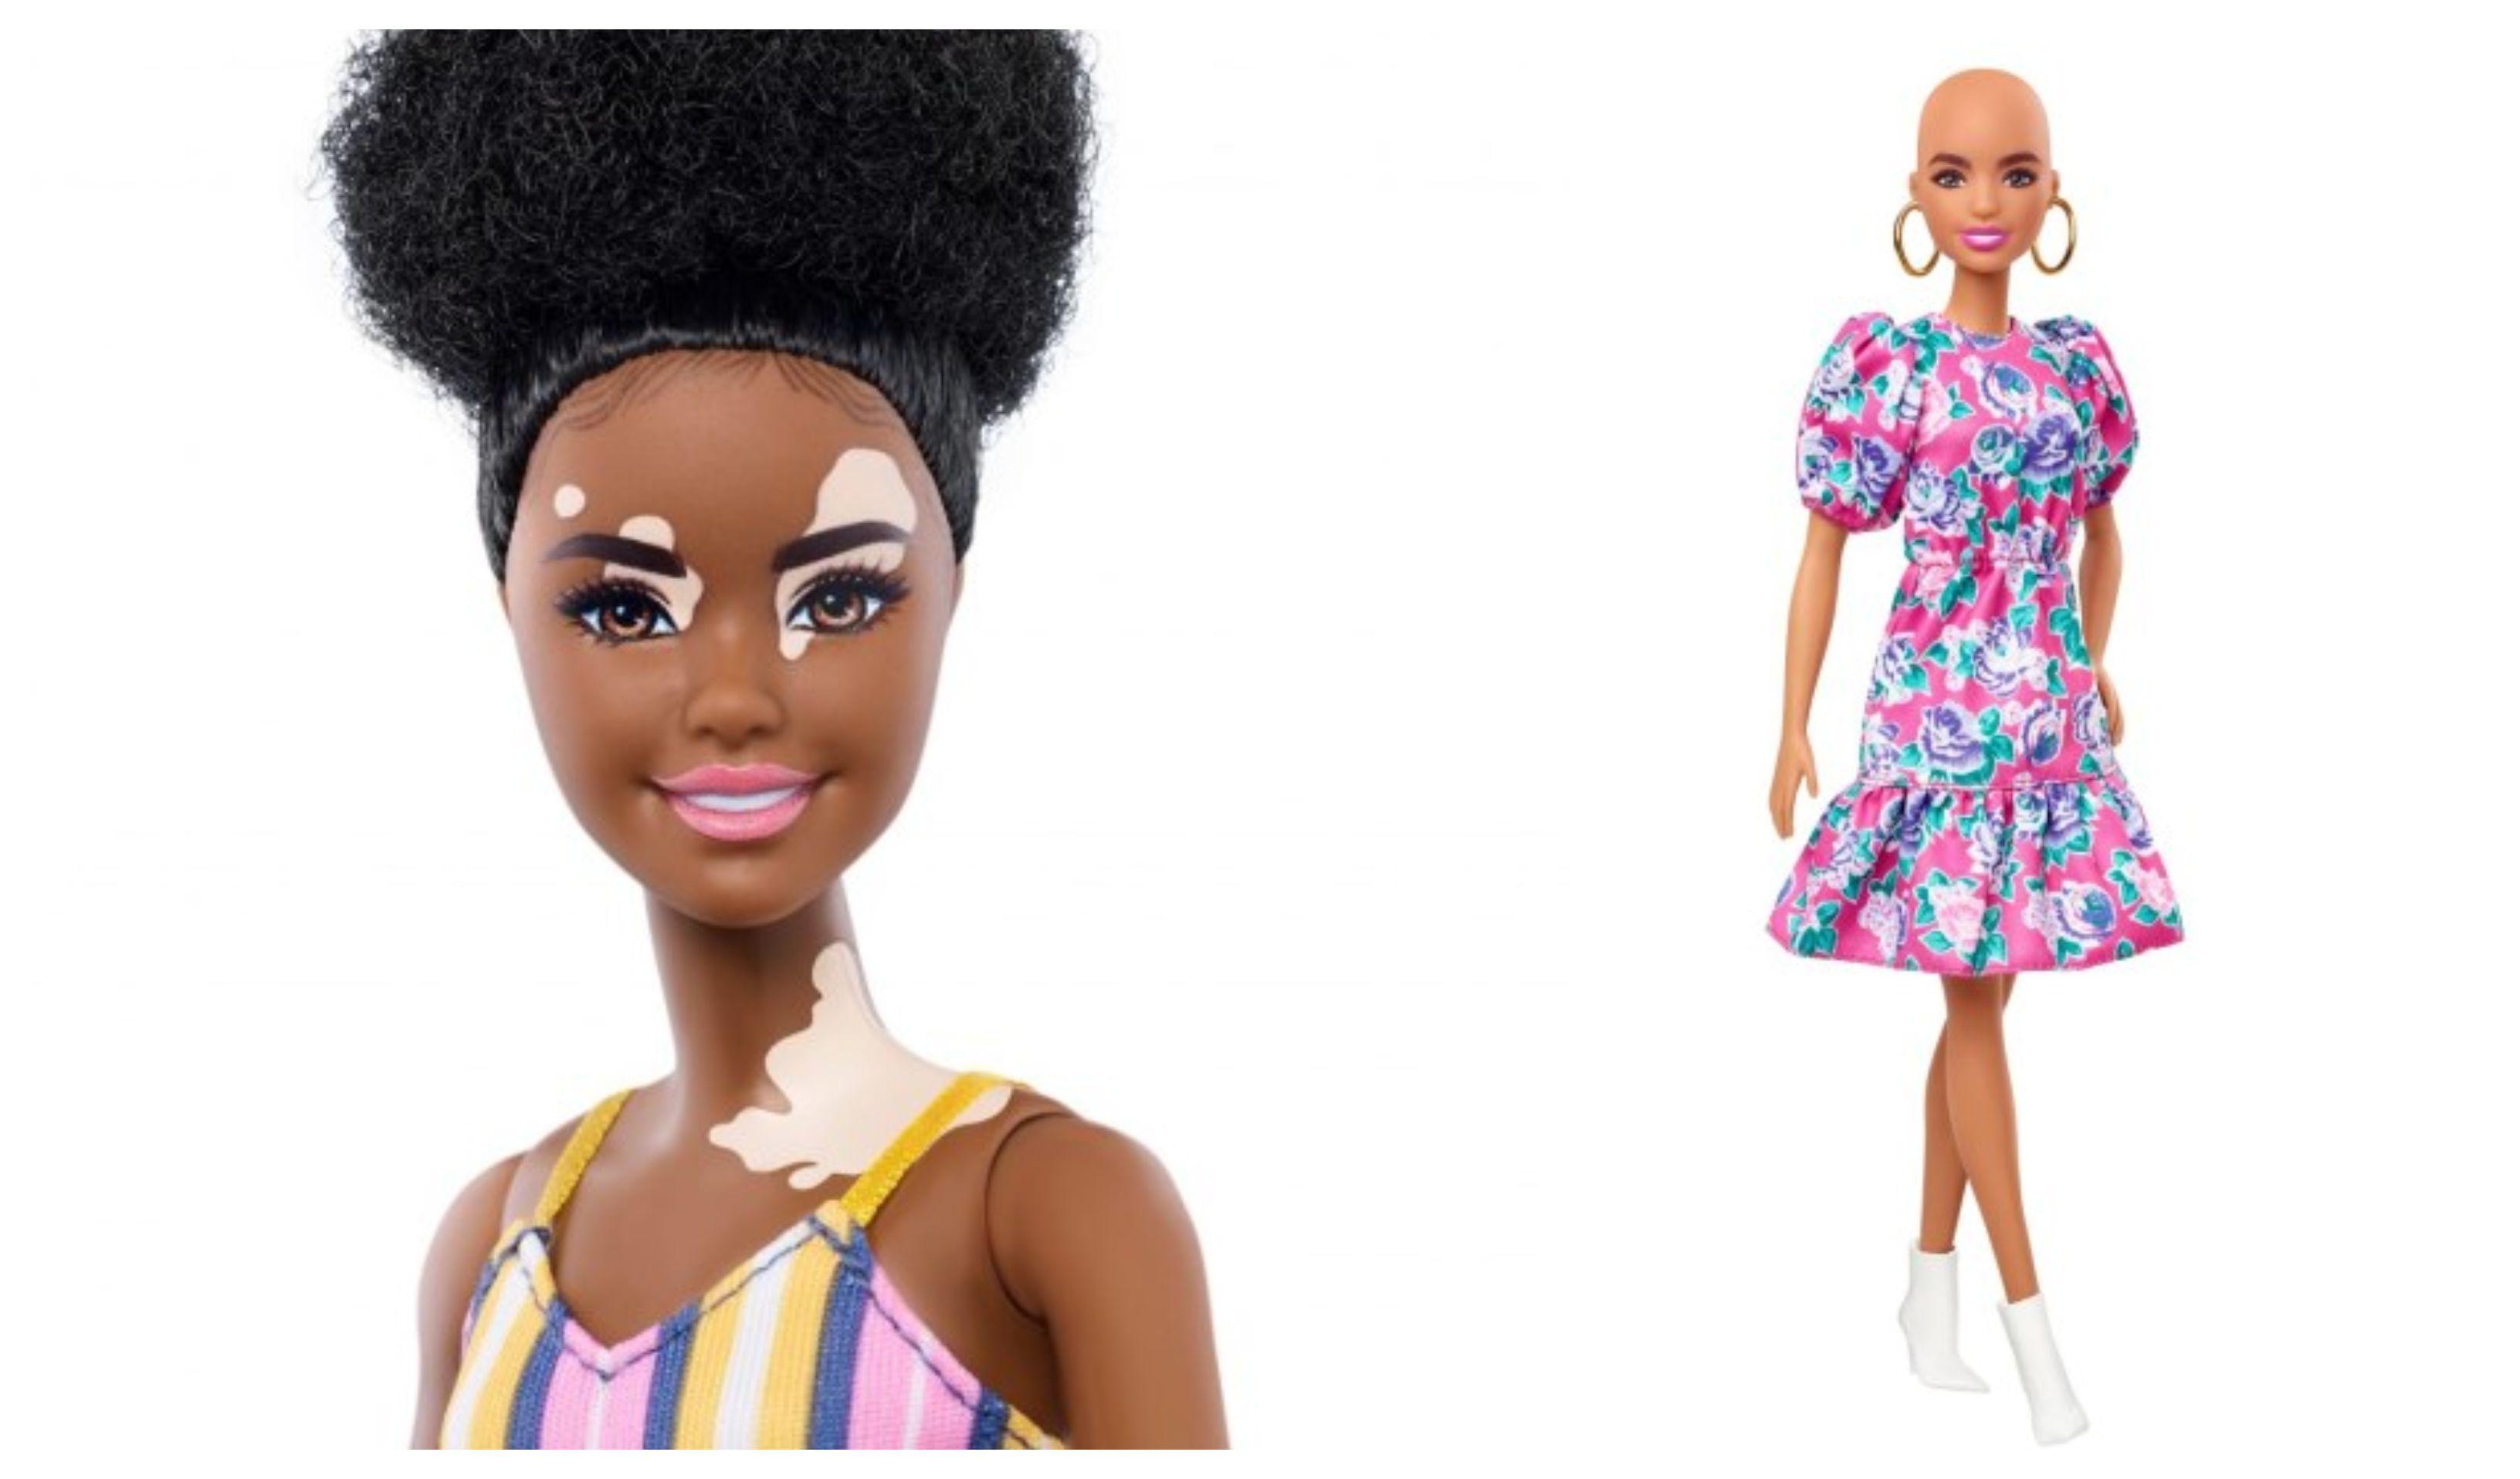 Šalju prekrasnu poruku djeci: Mattel lansirao Barbie lutke koje imaju vitiligo i alopeciju